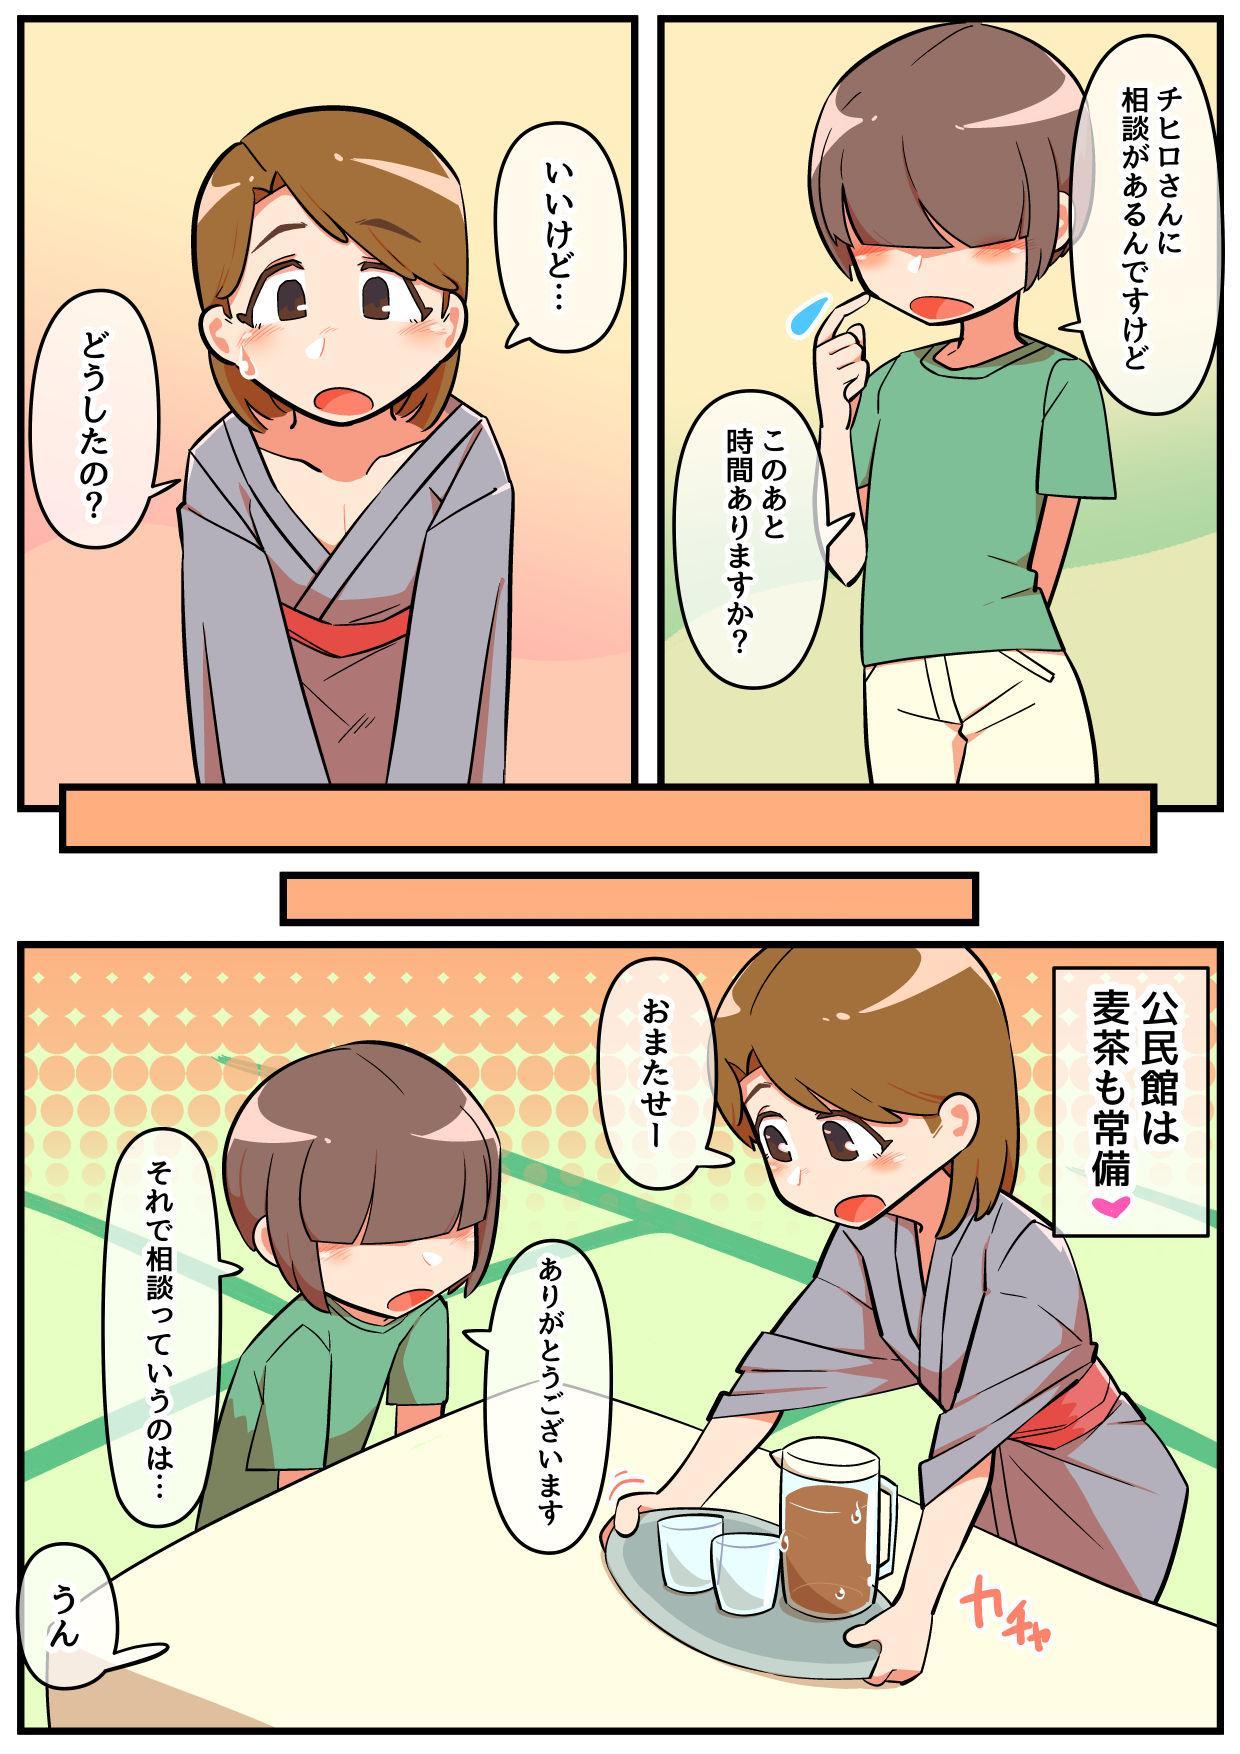 Hitozuma Otokonoko 4 3